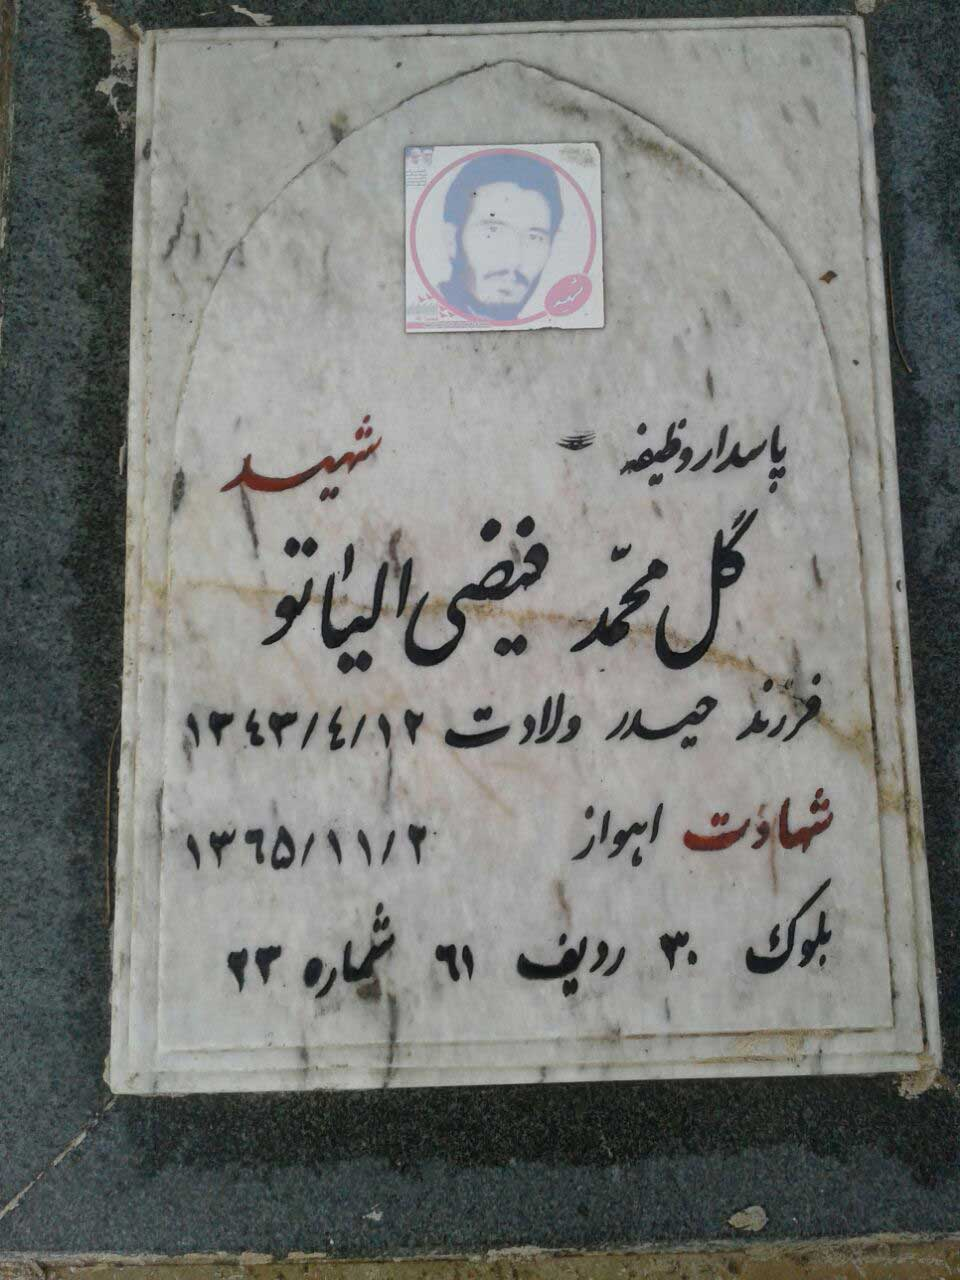 مزار شهیدگلمحمد فیضی